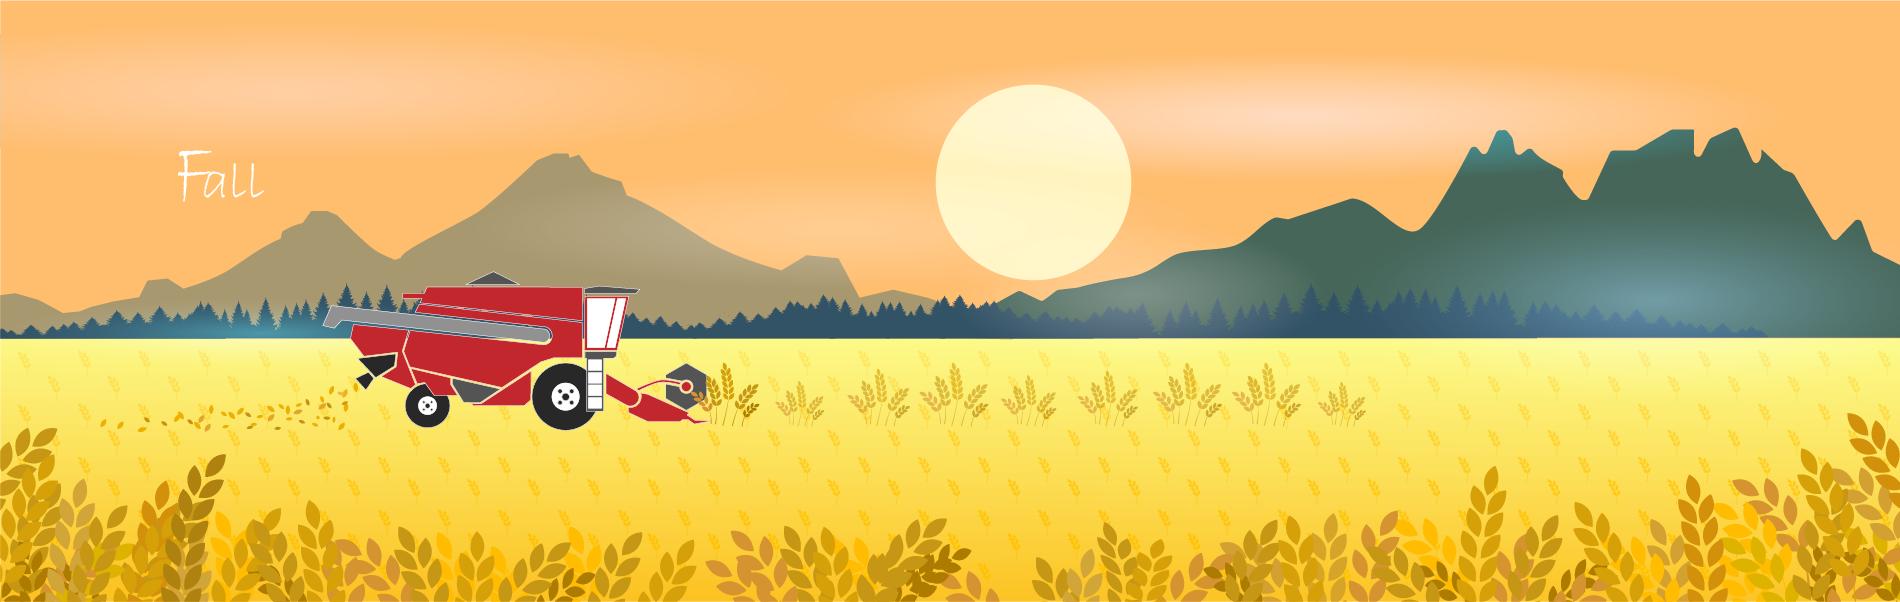 秋季背景圖